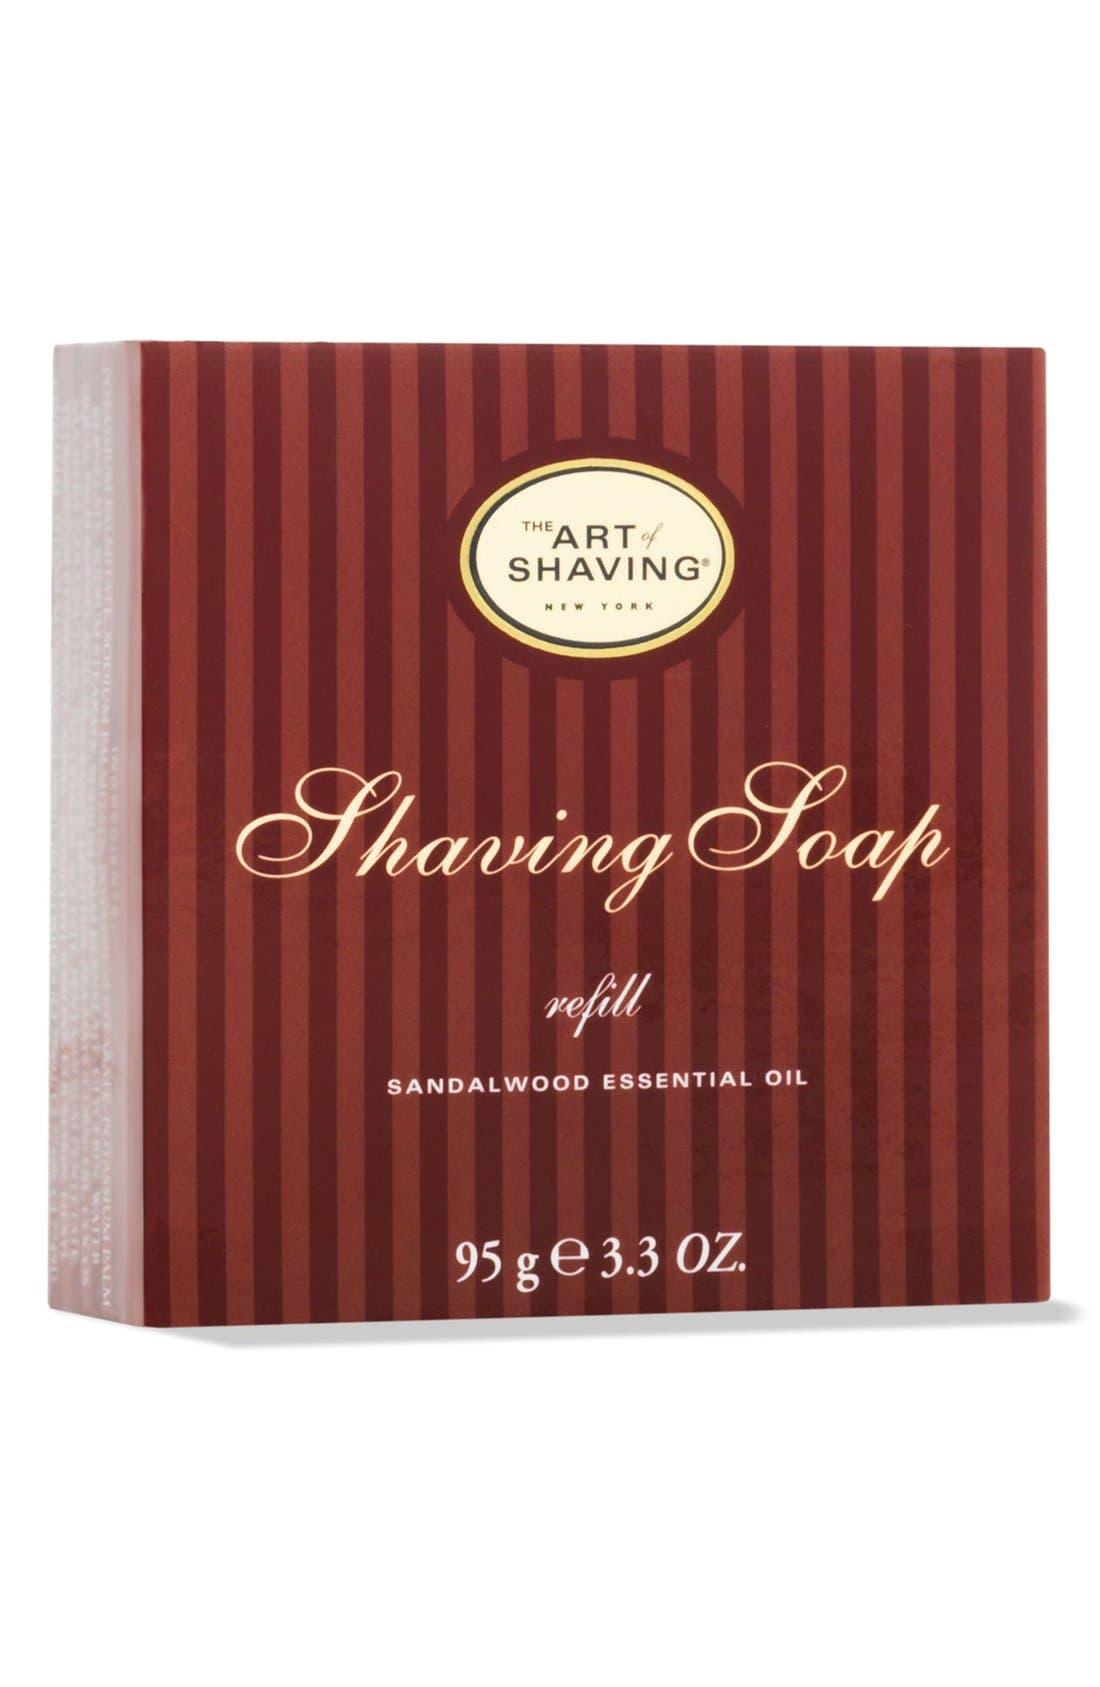 The Art of Shaving® Sandalwood Shaving Soap Refill